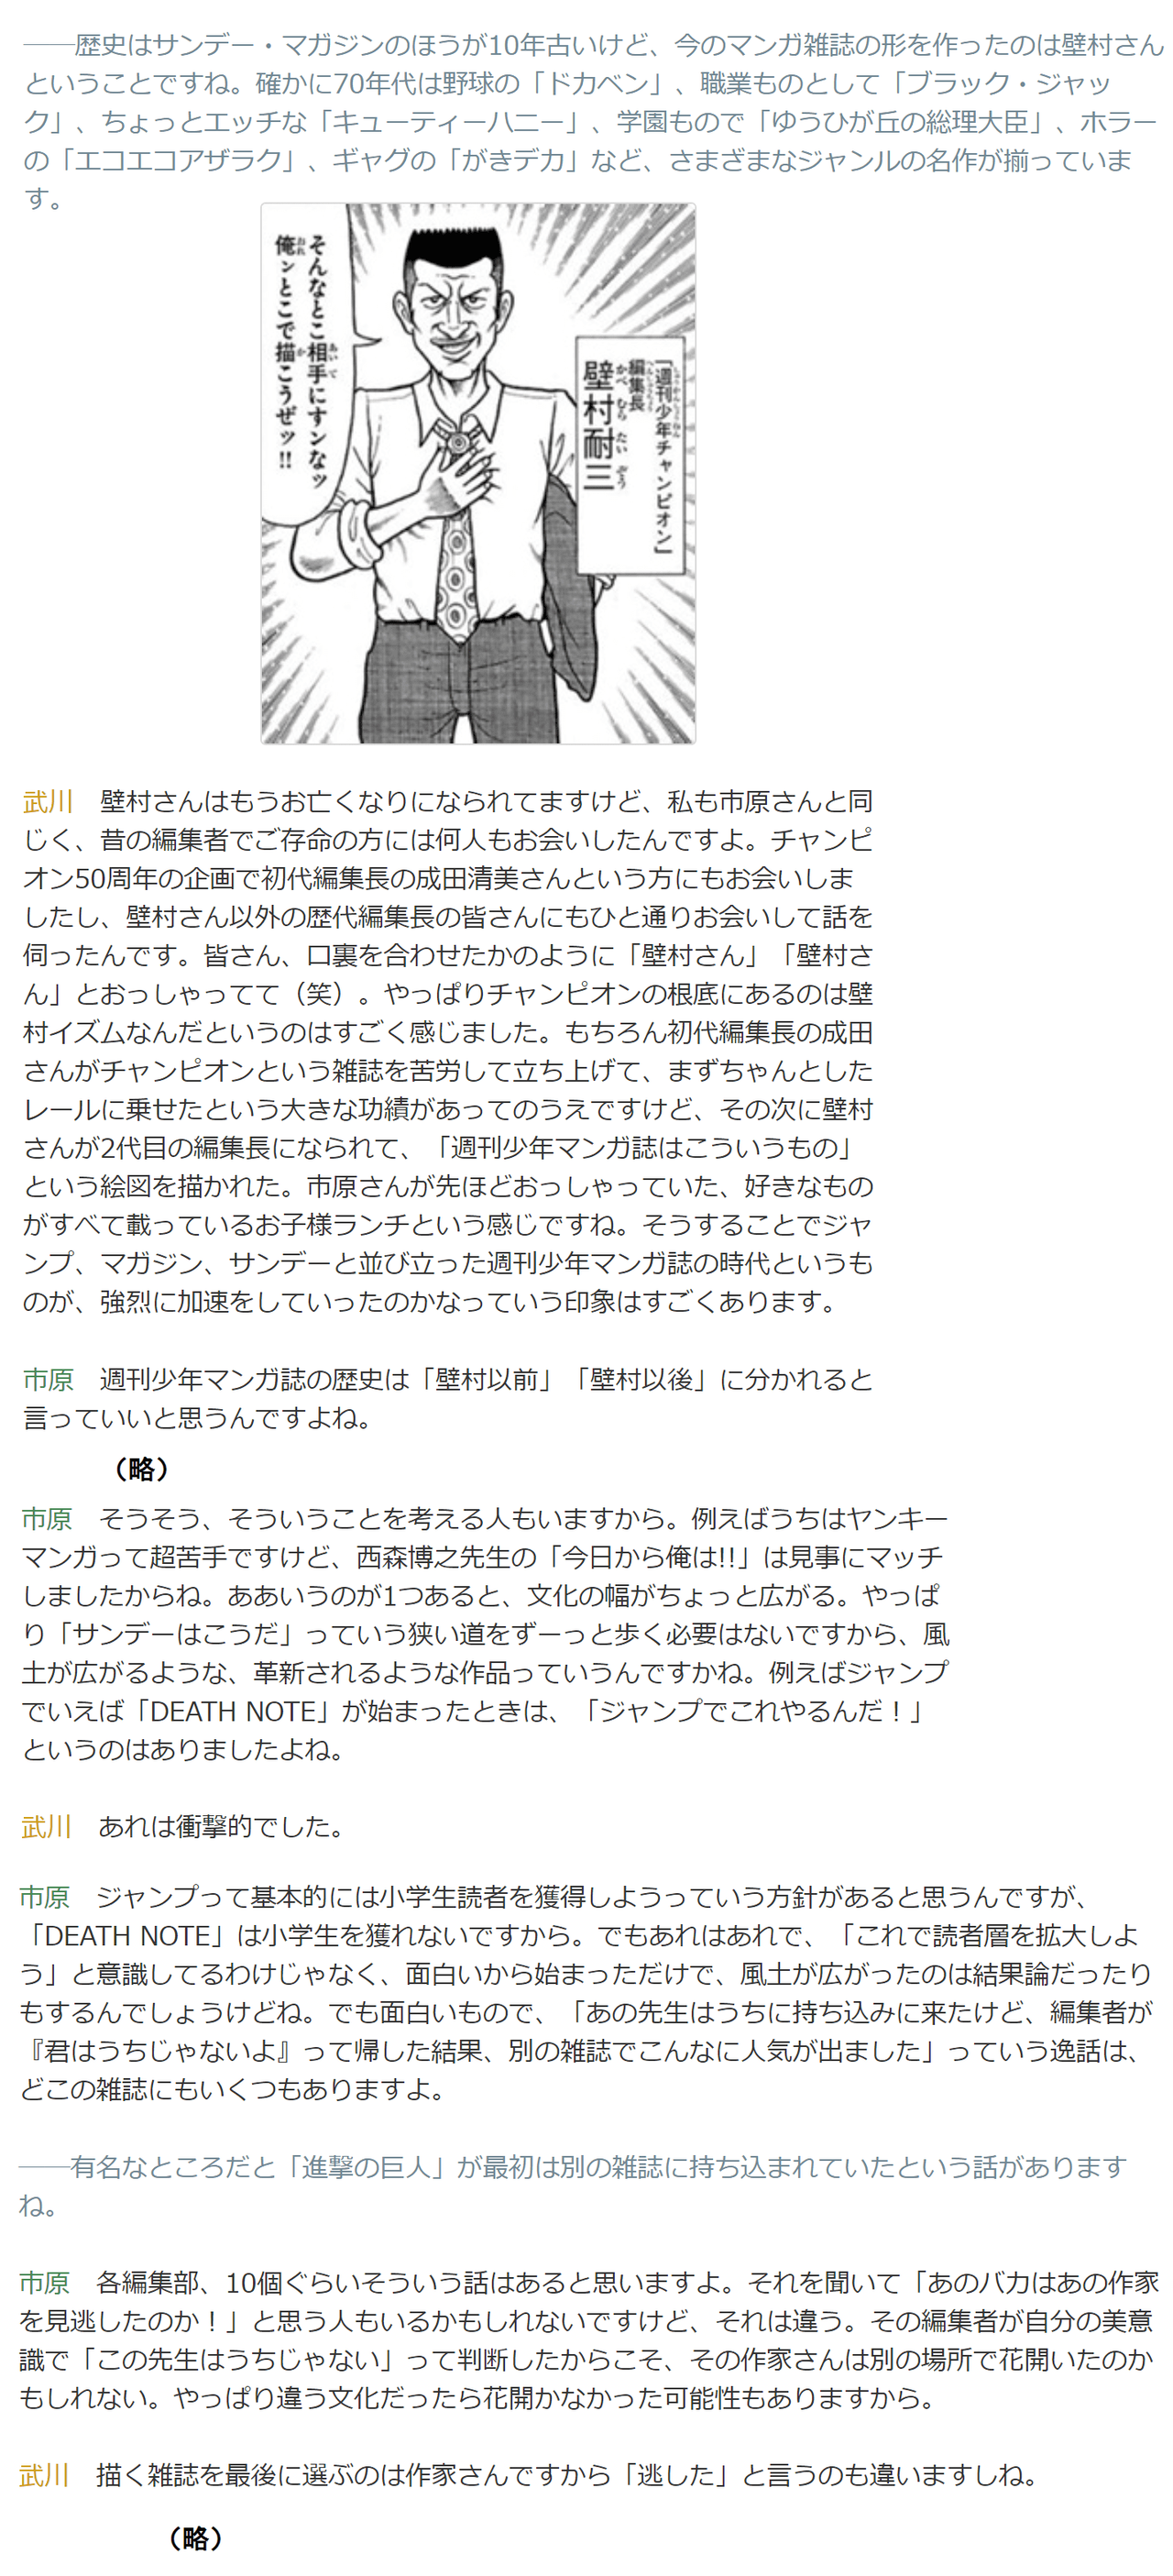 週刊少年チャンピオン50周年 対談連載第1回 サンデー編集長編3